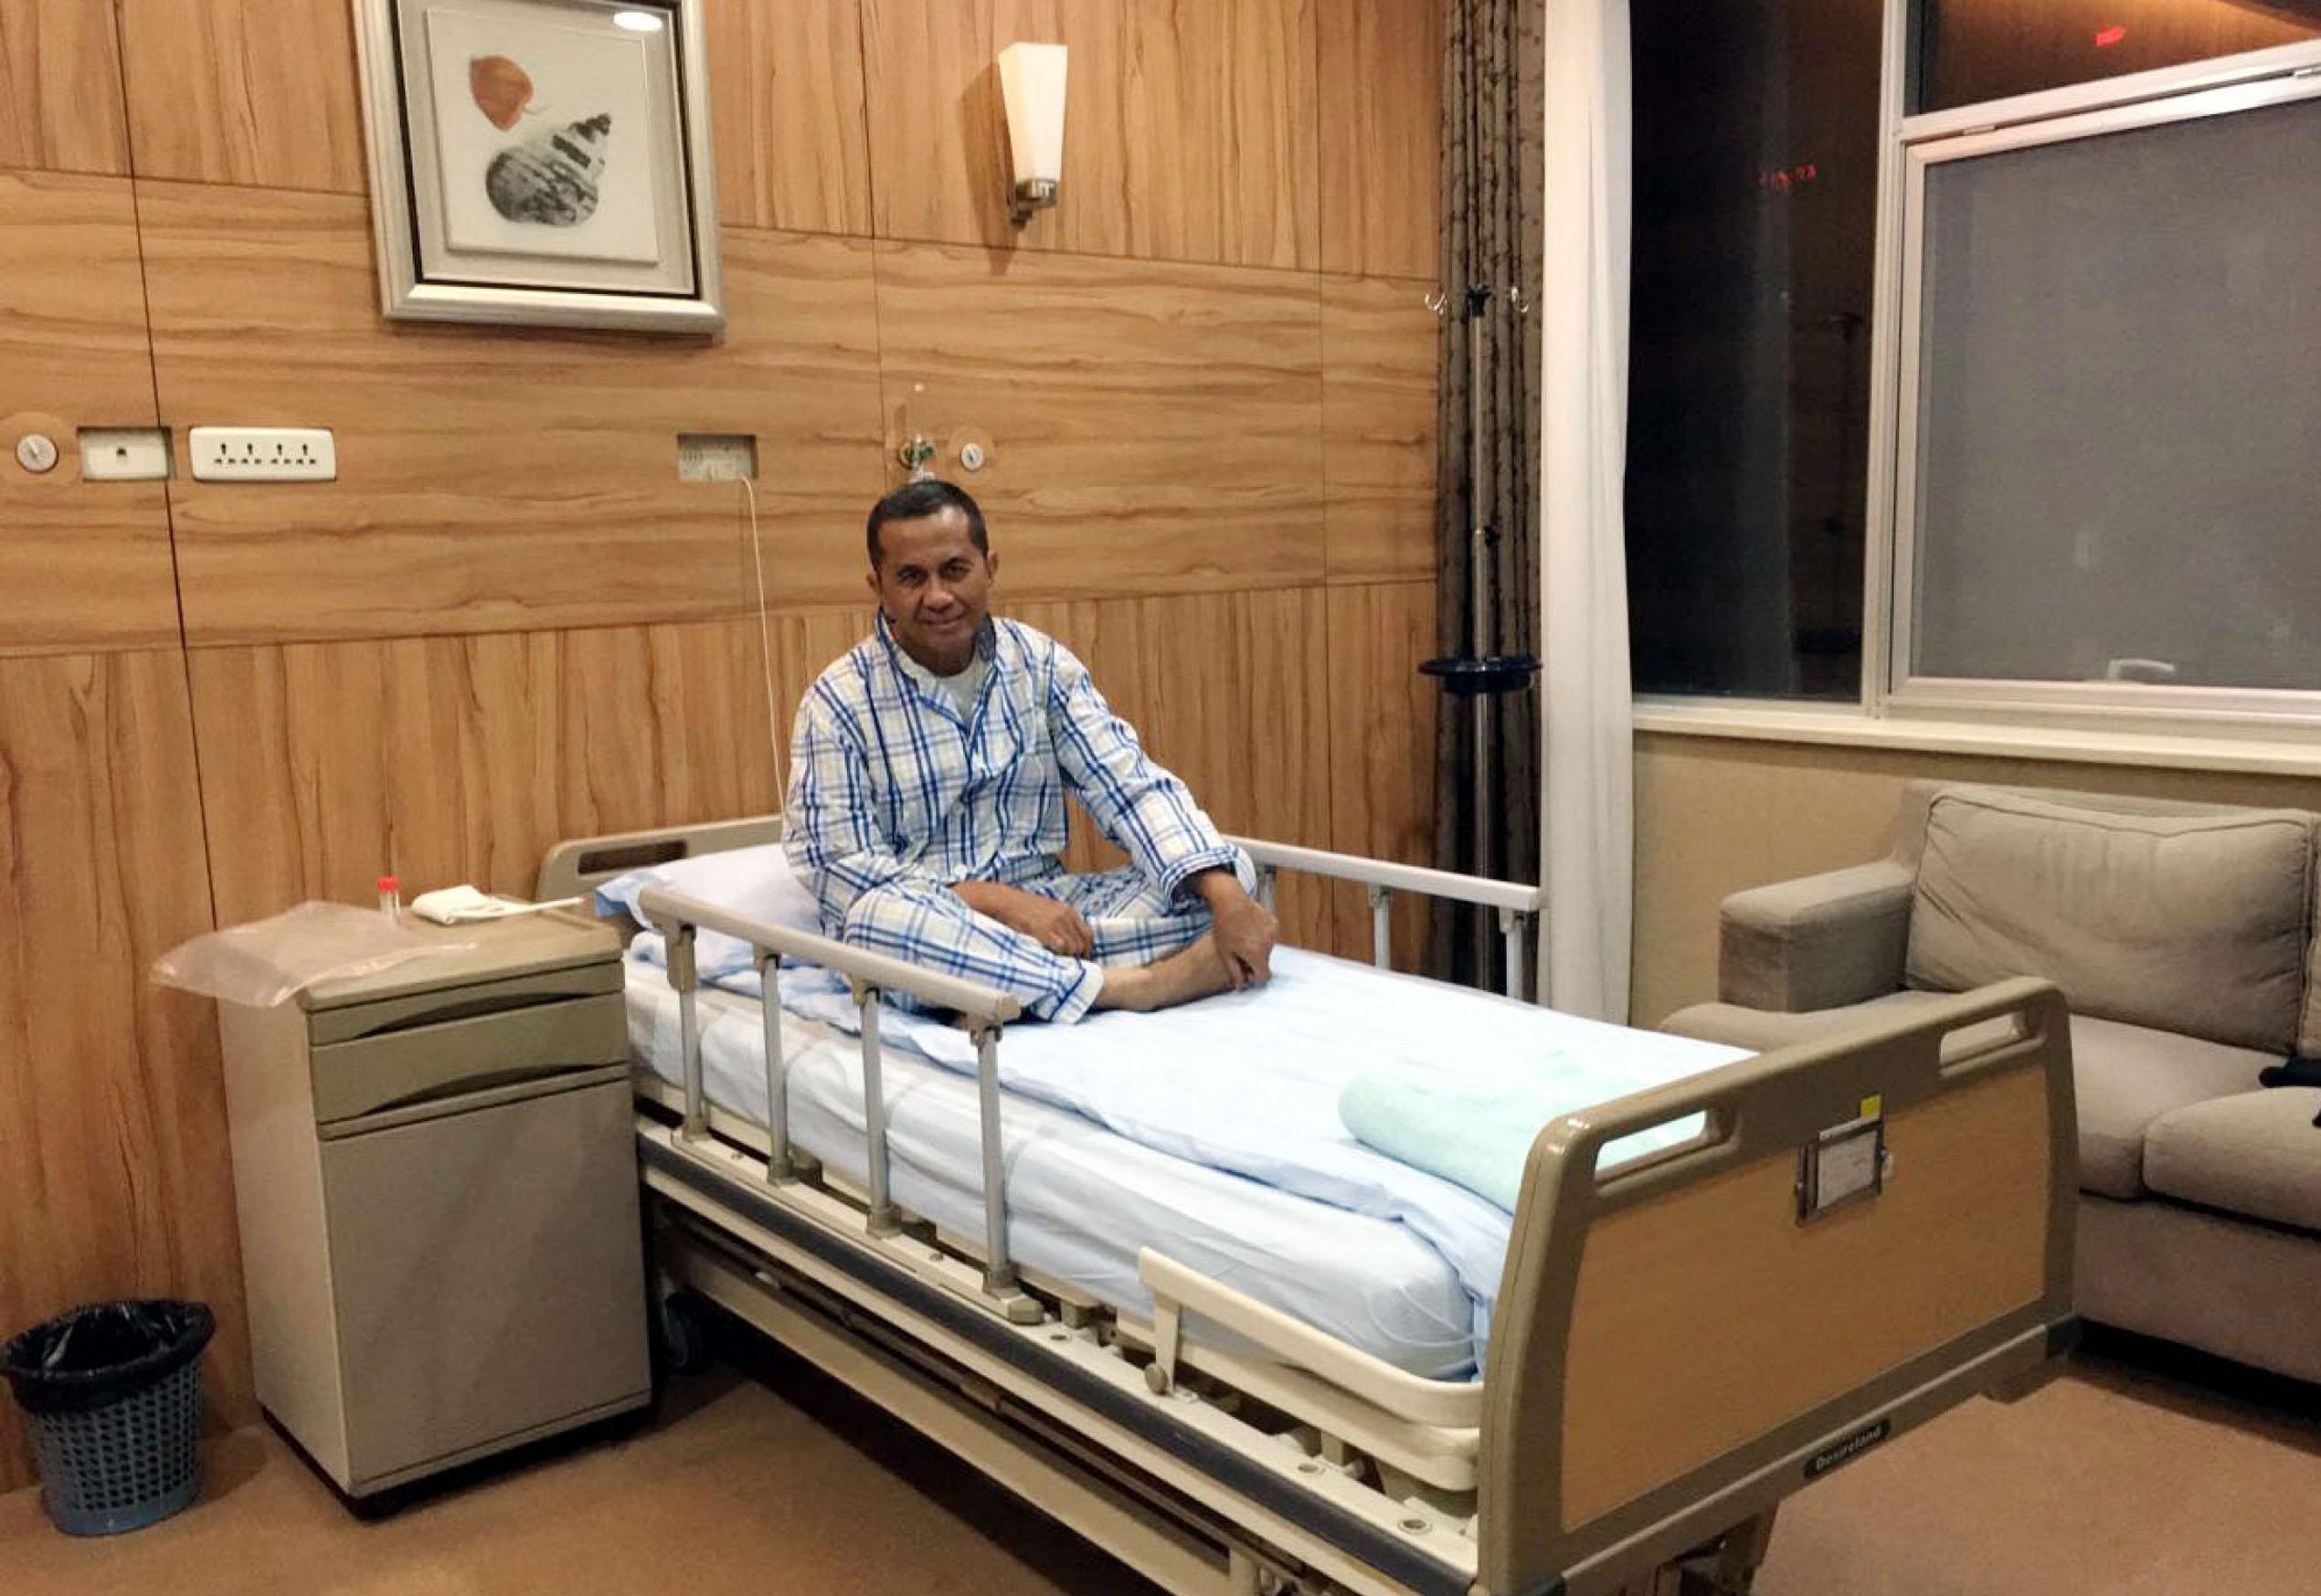 Foto: Jawa Pos Dahlan Iskan di ruang perawatan Tianjin First Center Hospital (TFCH), Tiongkok. Sejak kemarin Dahlan menjalani serangkaian pemeriksaan di RS tempat dia cangkok hati 10 tahun lalu.